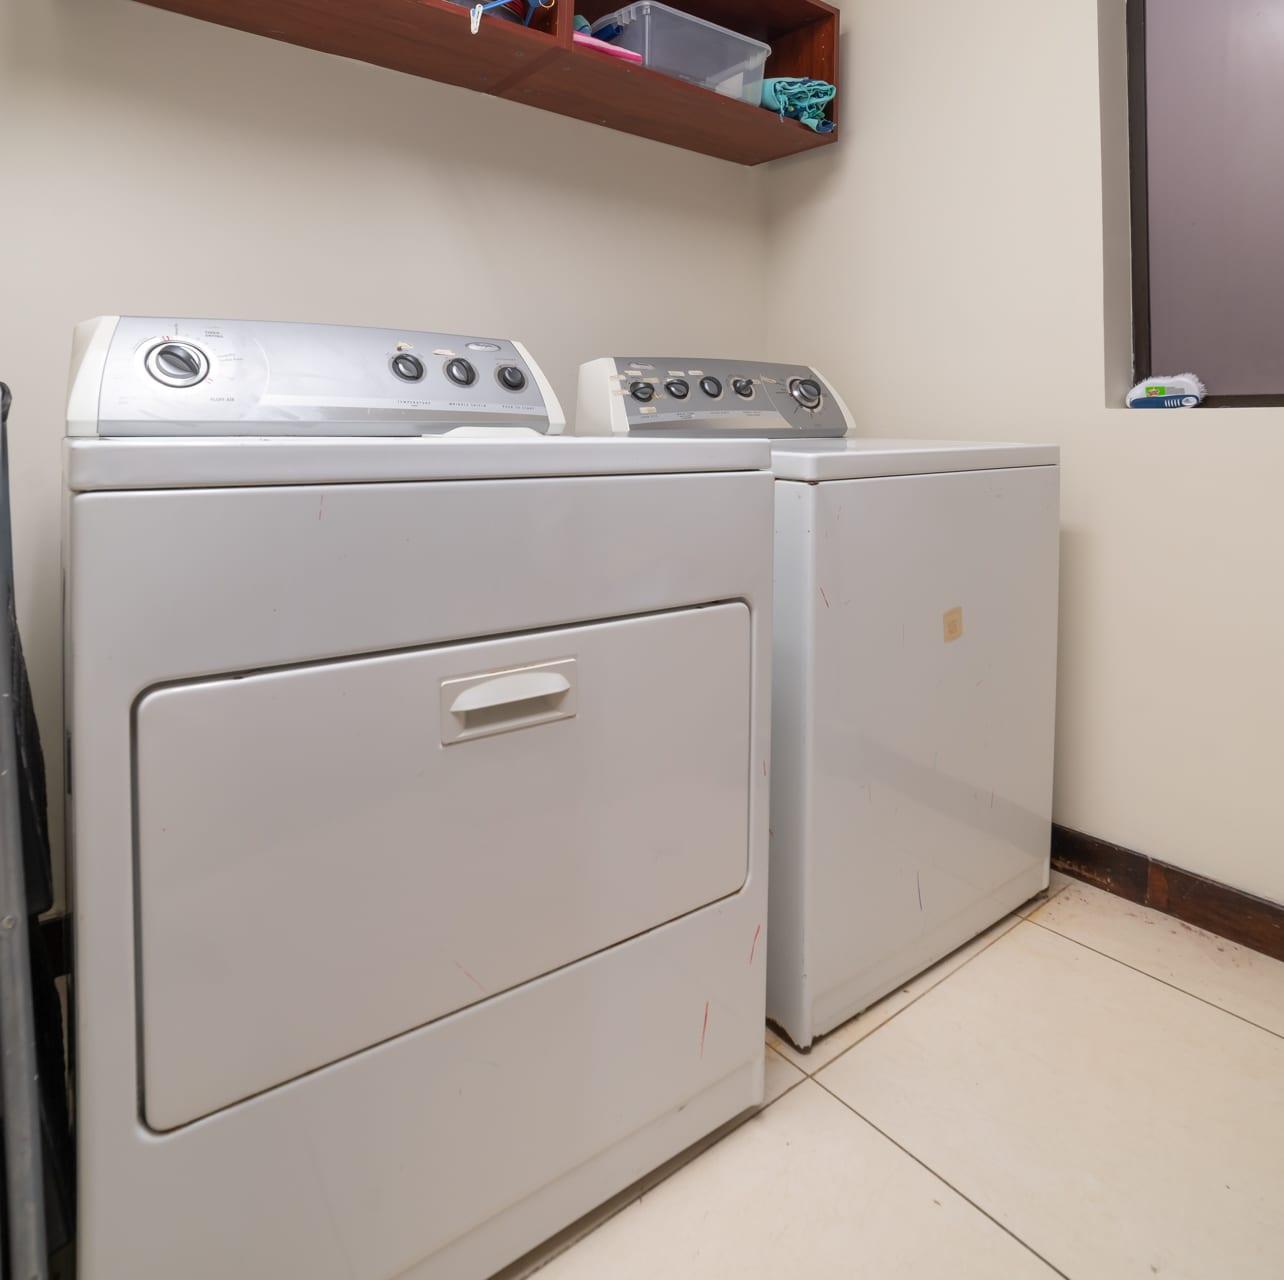 Carao T1-3 – Laundry